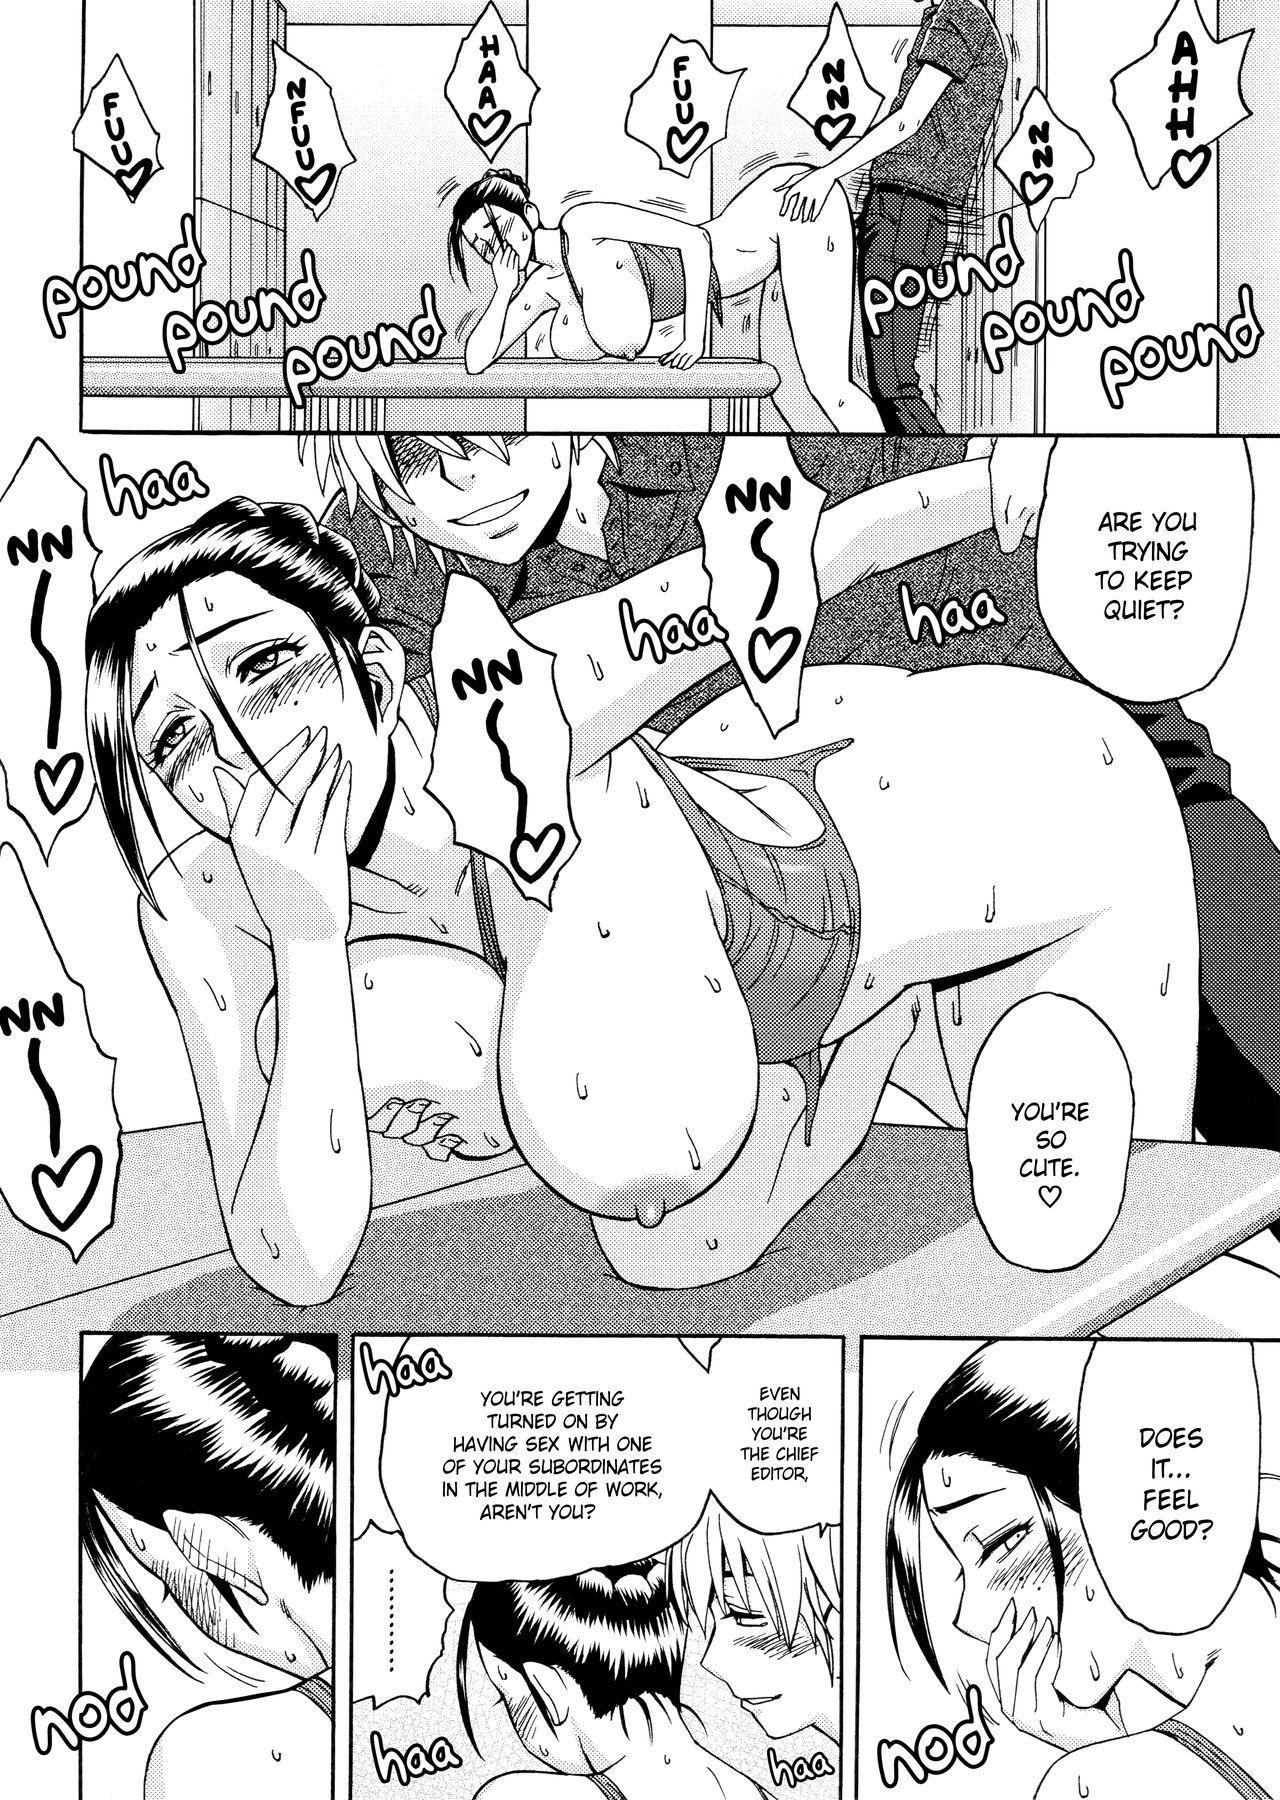 [Tatsunami Youtoku, Yamazaki Masato] Bijin Henshuu-chou no Himitsu | Beautiful Editor-in-Chief's Secret Ch. 1-5 [English] [Forbiddenfetish77, Red Vodka, Crystalium] [Decensored] 39